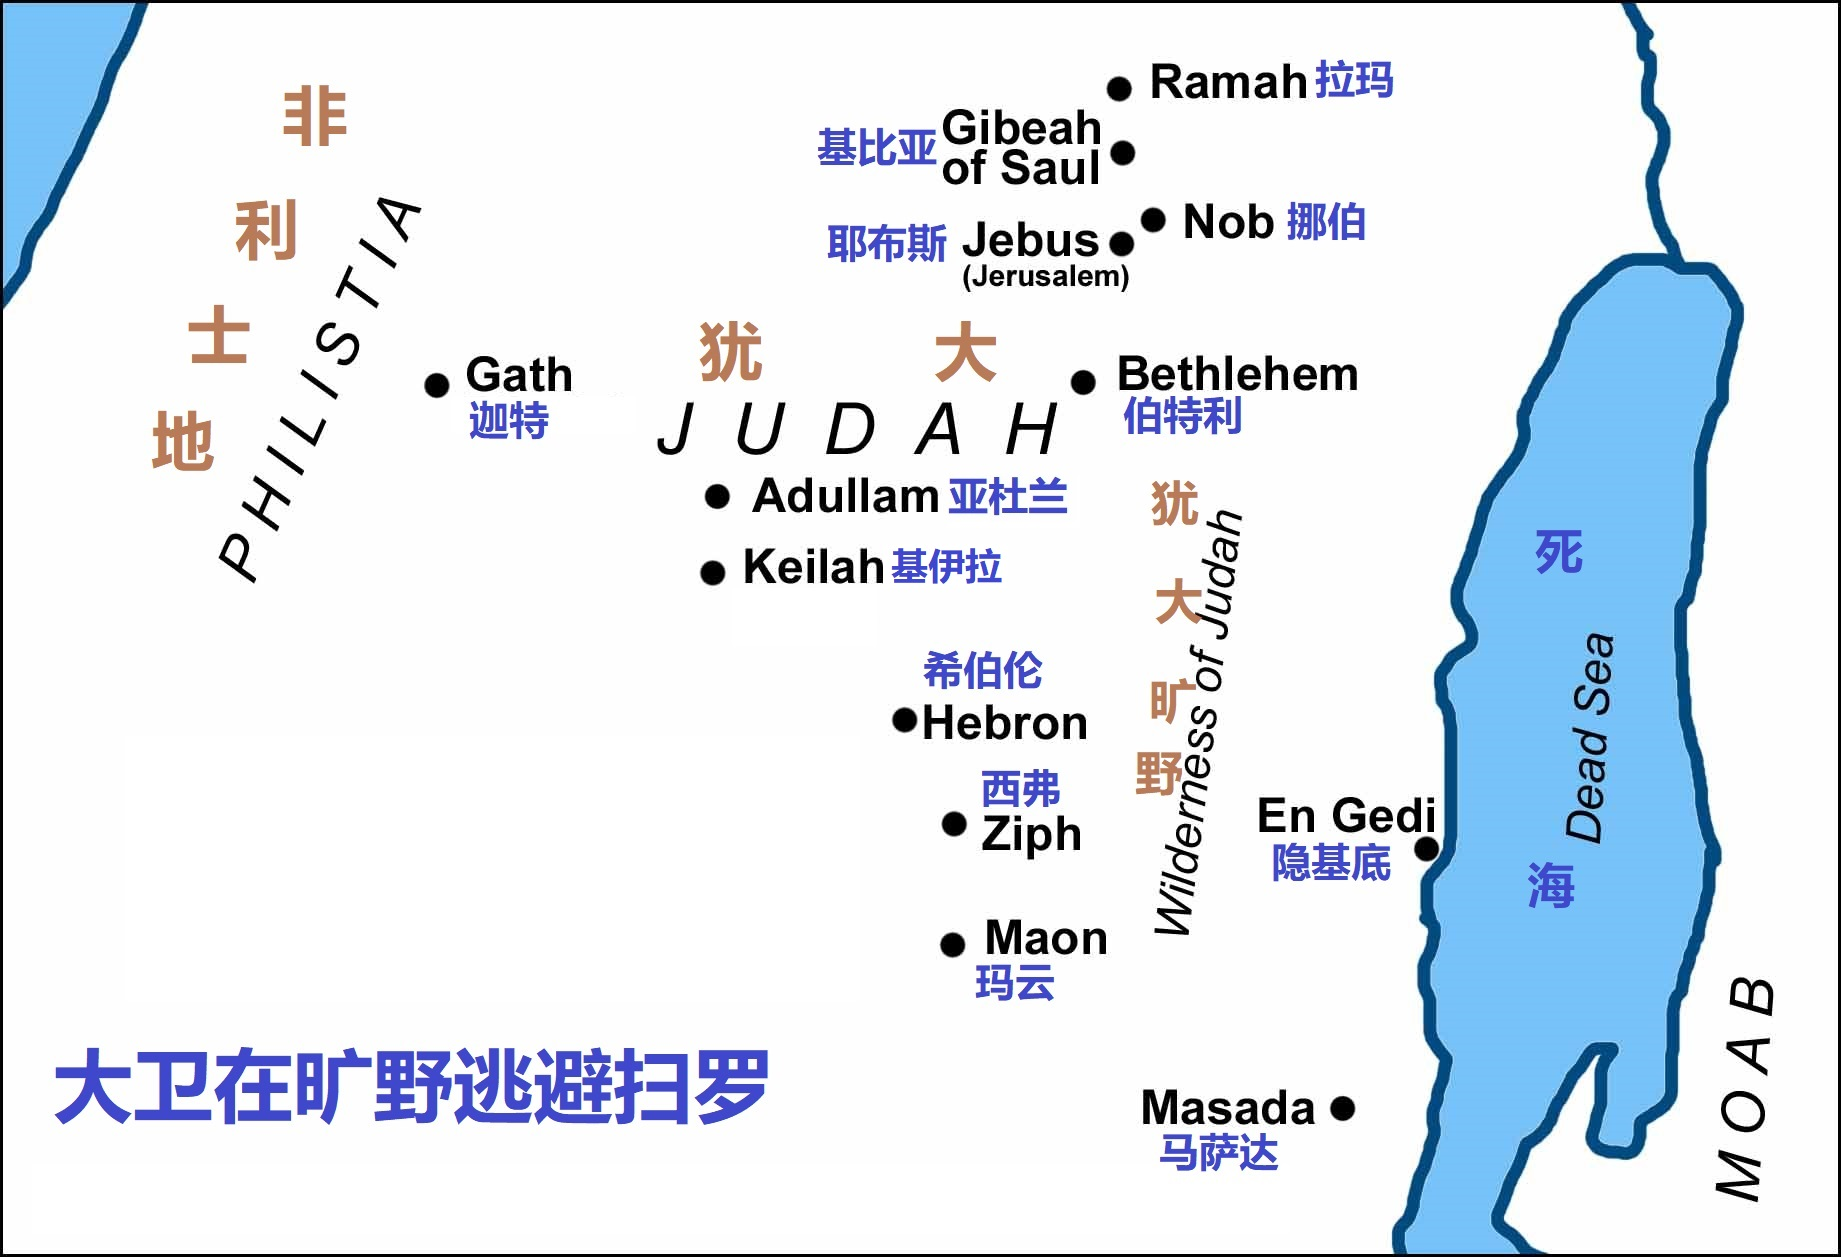 上图:大卫在旷野逃避扫罗的主要地点。